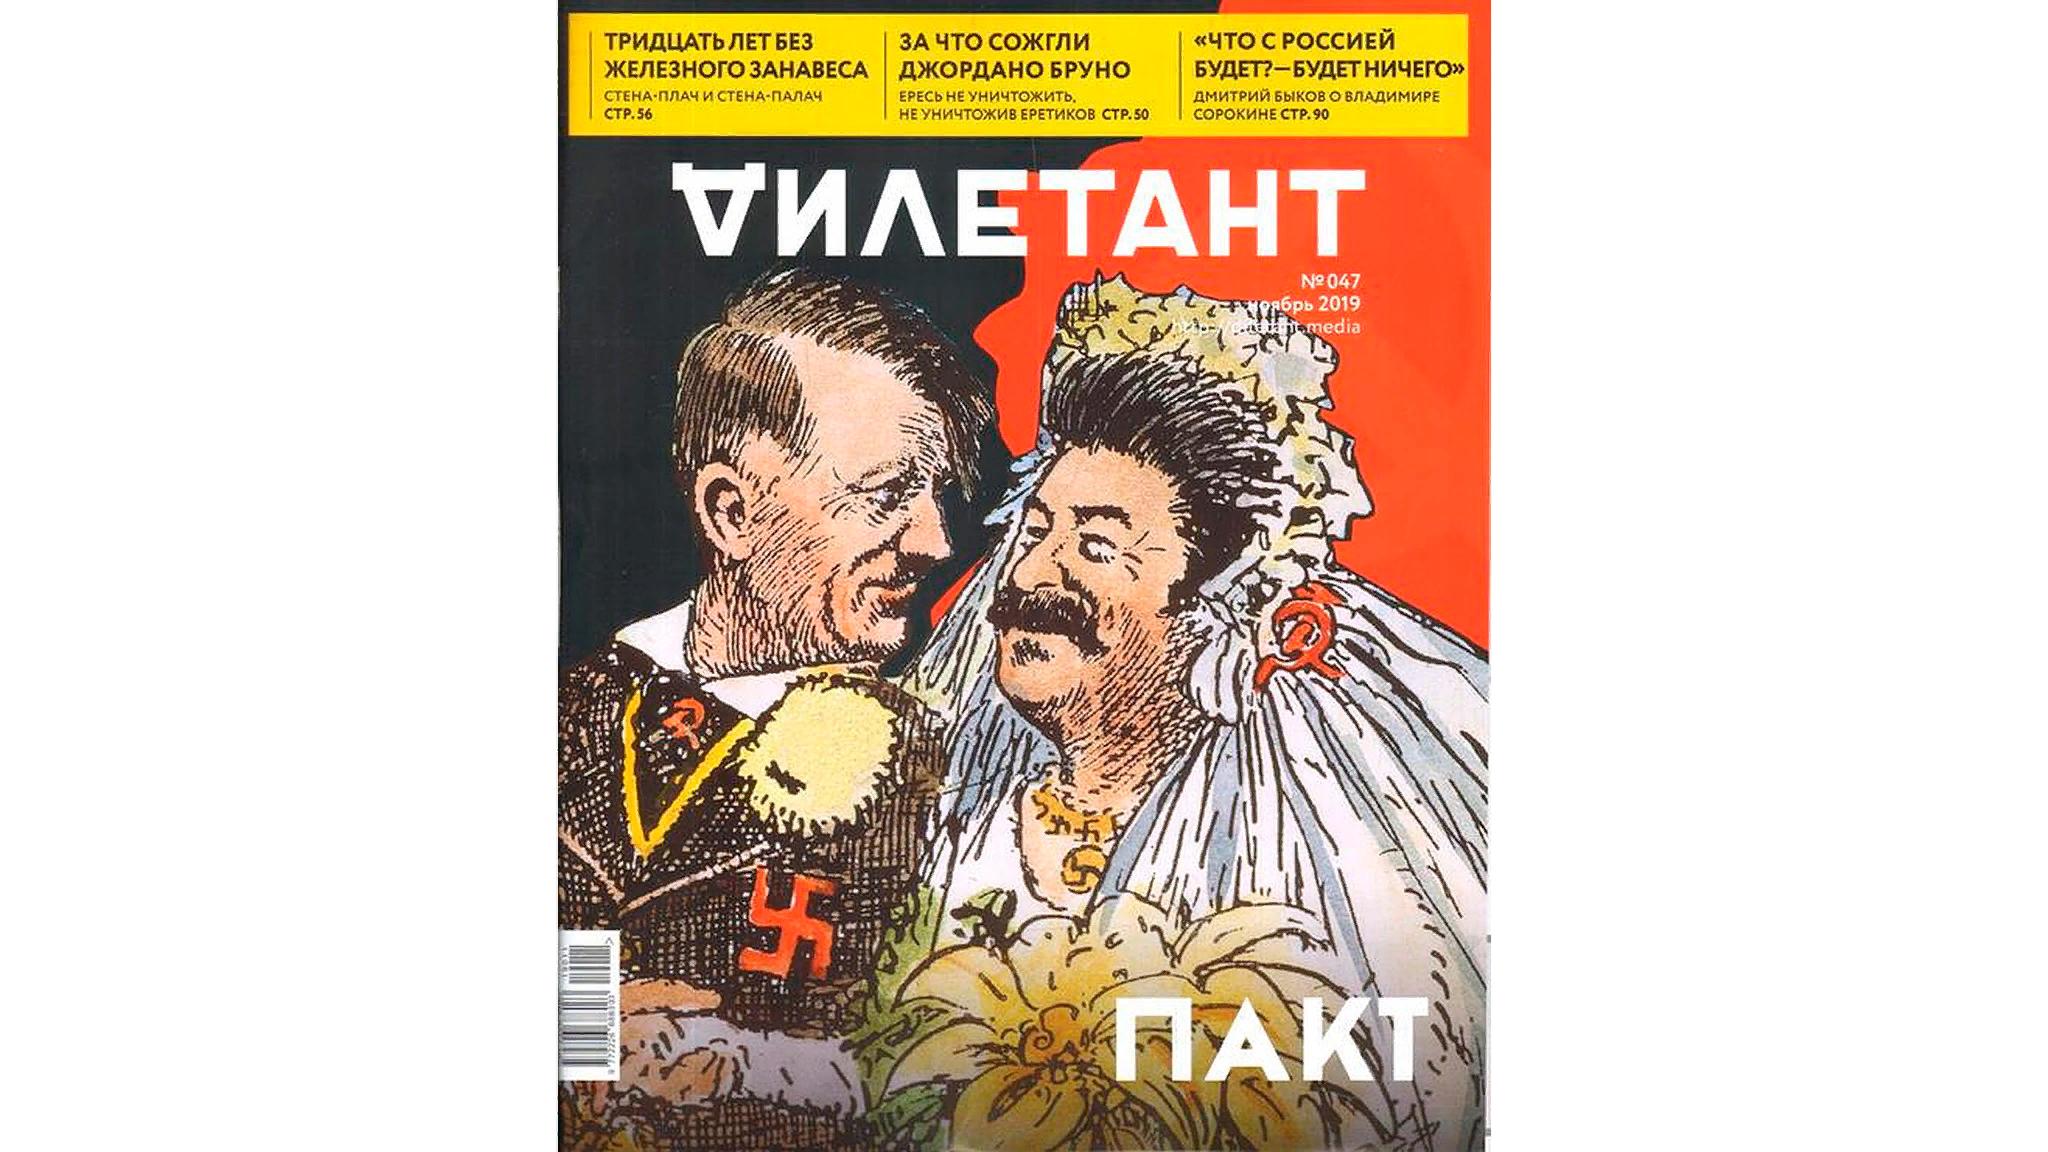 https://jrnlst.ru/knizhnyy-magazin-vernul-izdatelyam-novyy-nomer-zhurnala-diletant